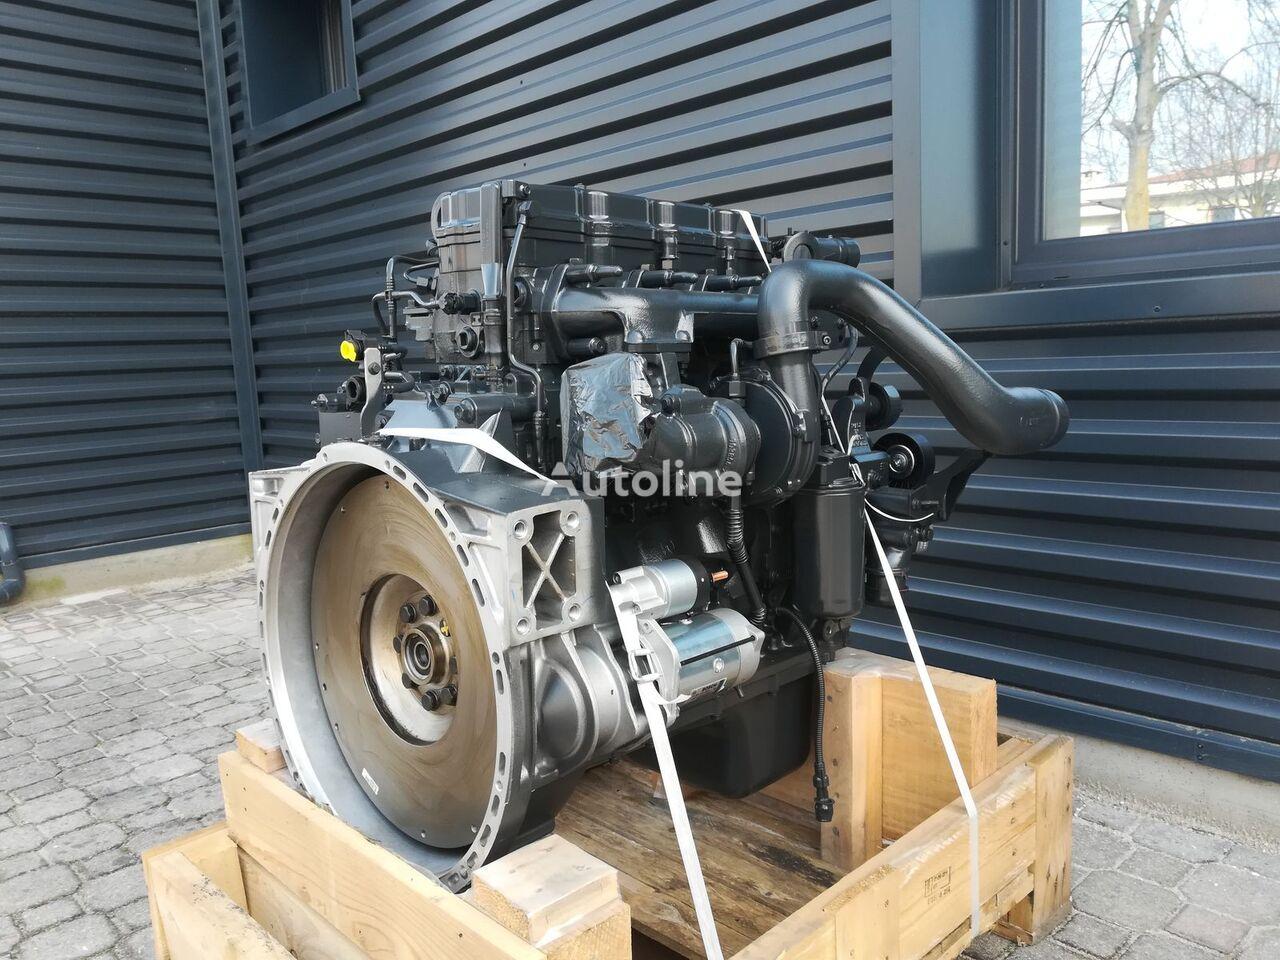 IVECO TECTOR F4AE3481B NEW & REBUILT with WARRANTY motor para IVECO EUROCARGO camión